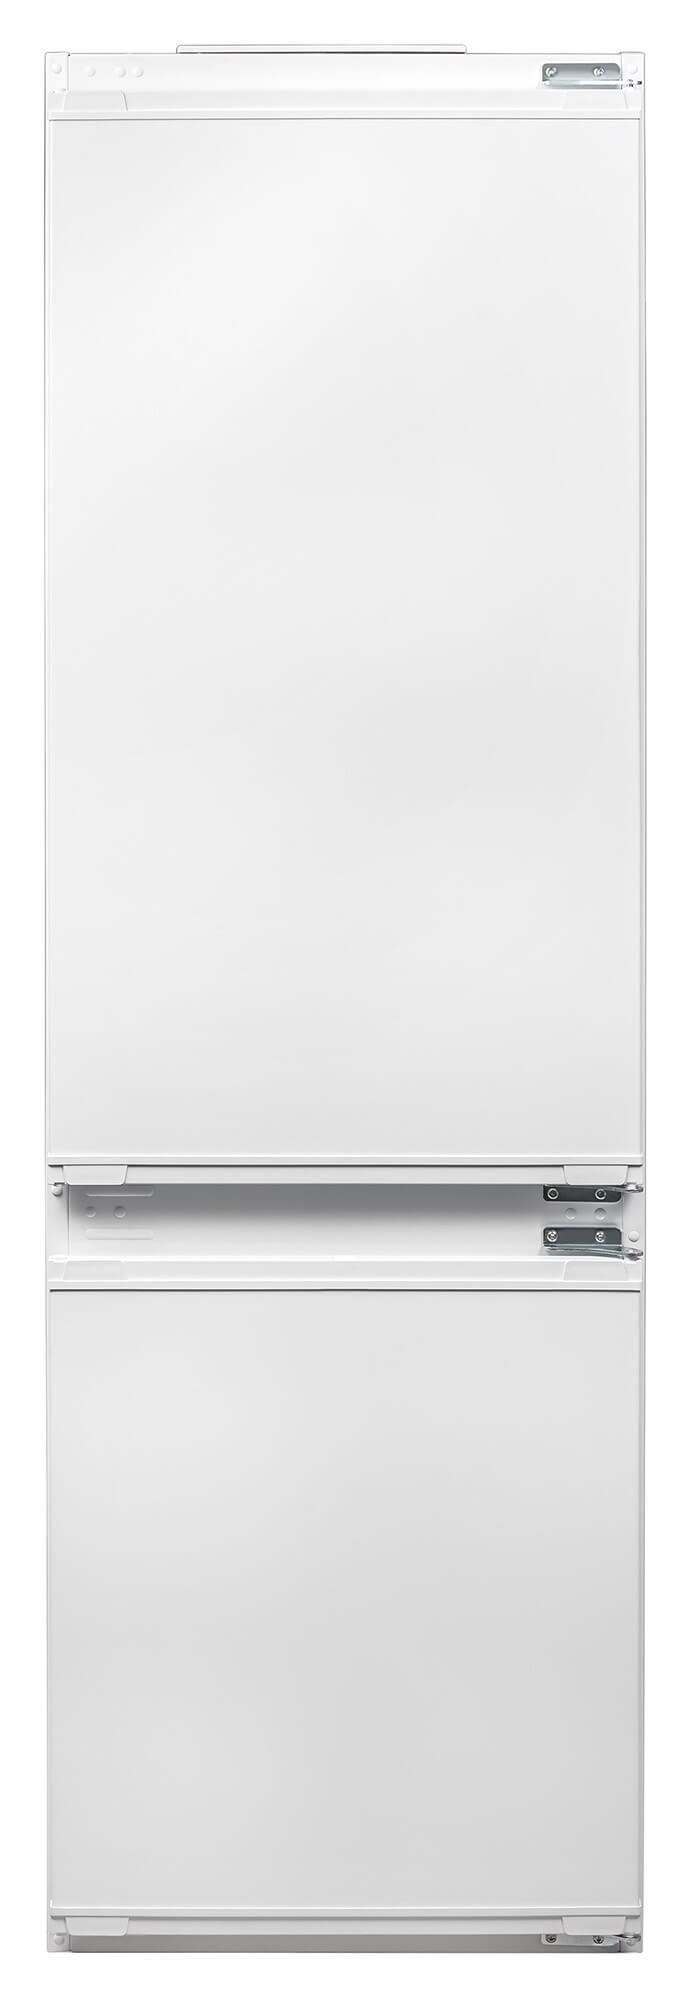 Combina frigorifica incorporabila Beko BCHA275K2S